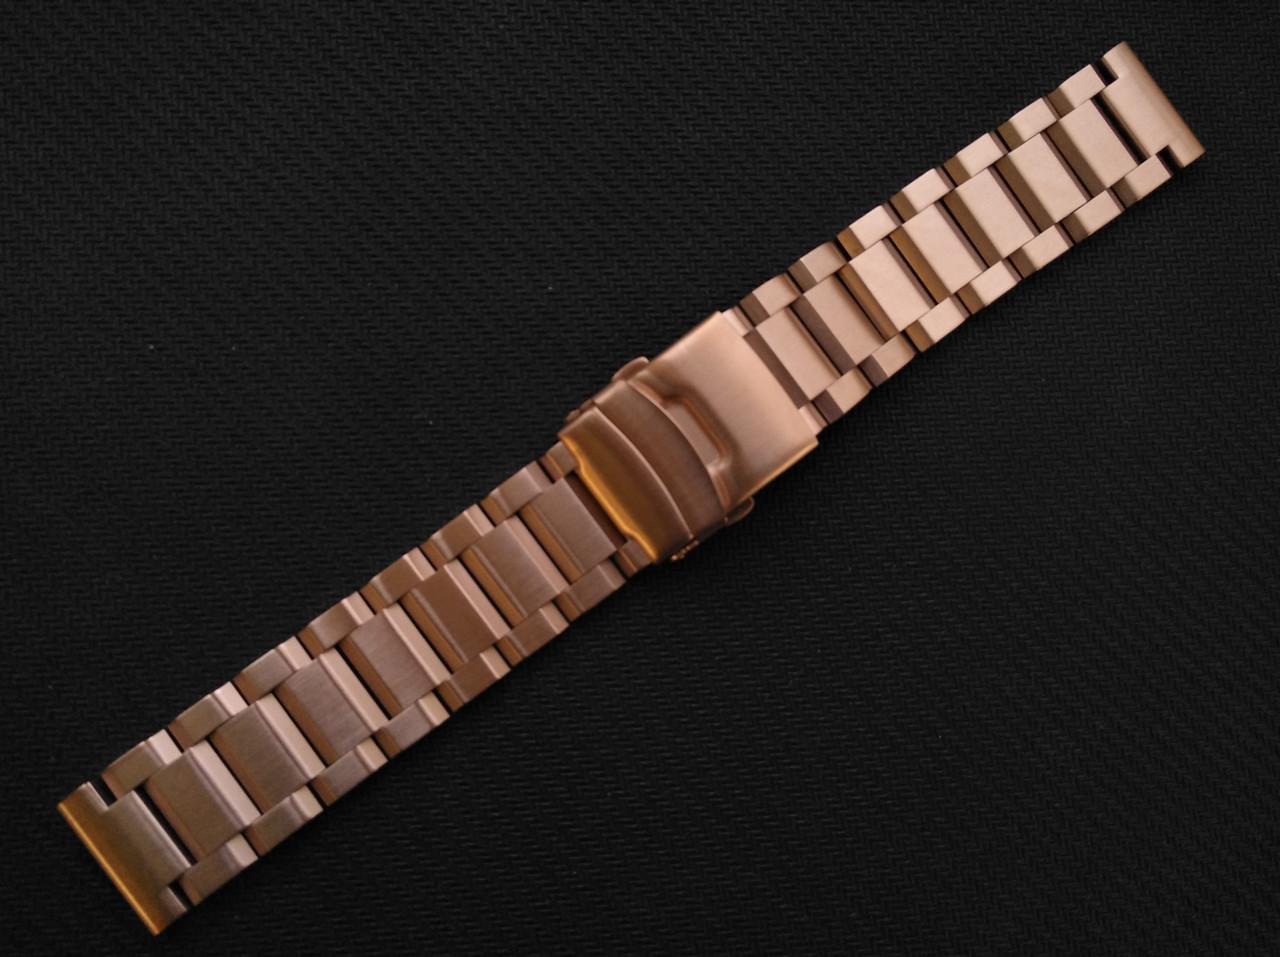 Браслет для часов из нержавеющей стали, литой, матовый. Цвет - розовое золото. 20 мм. Hexad